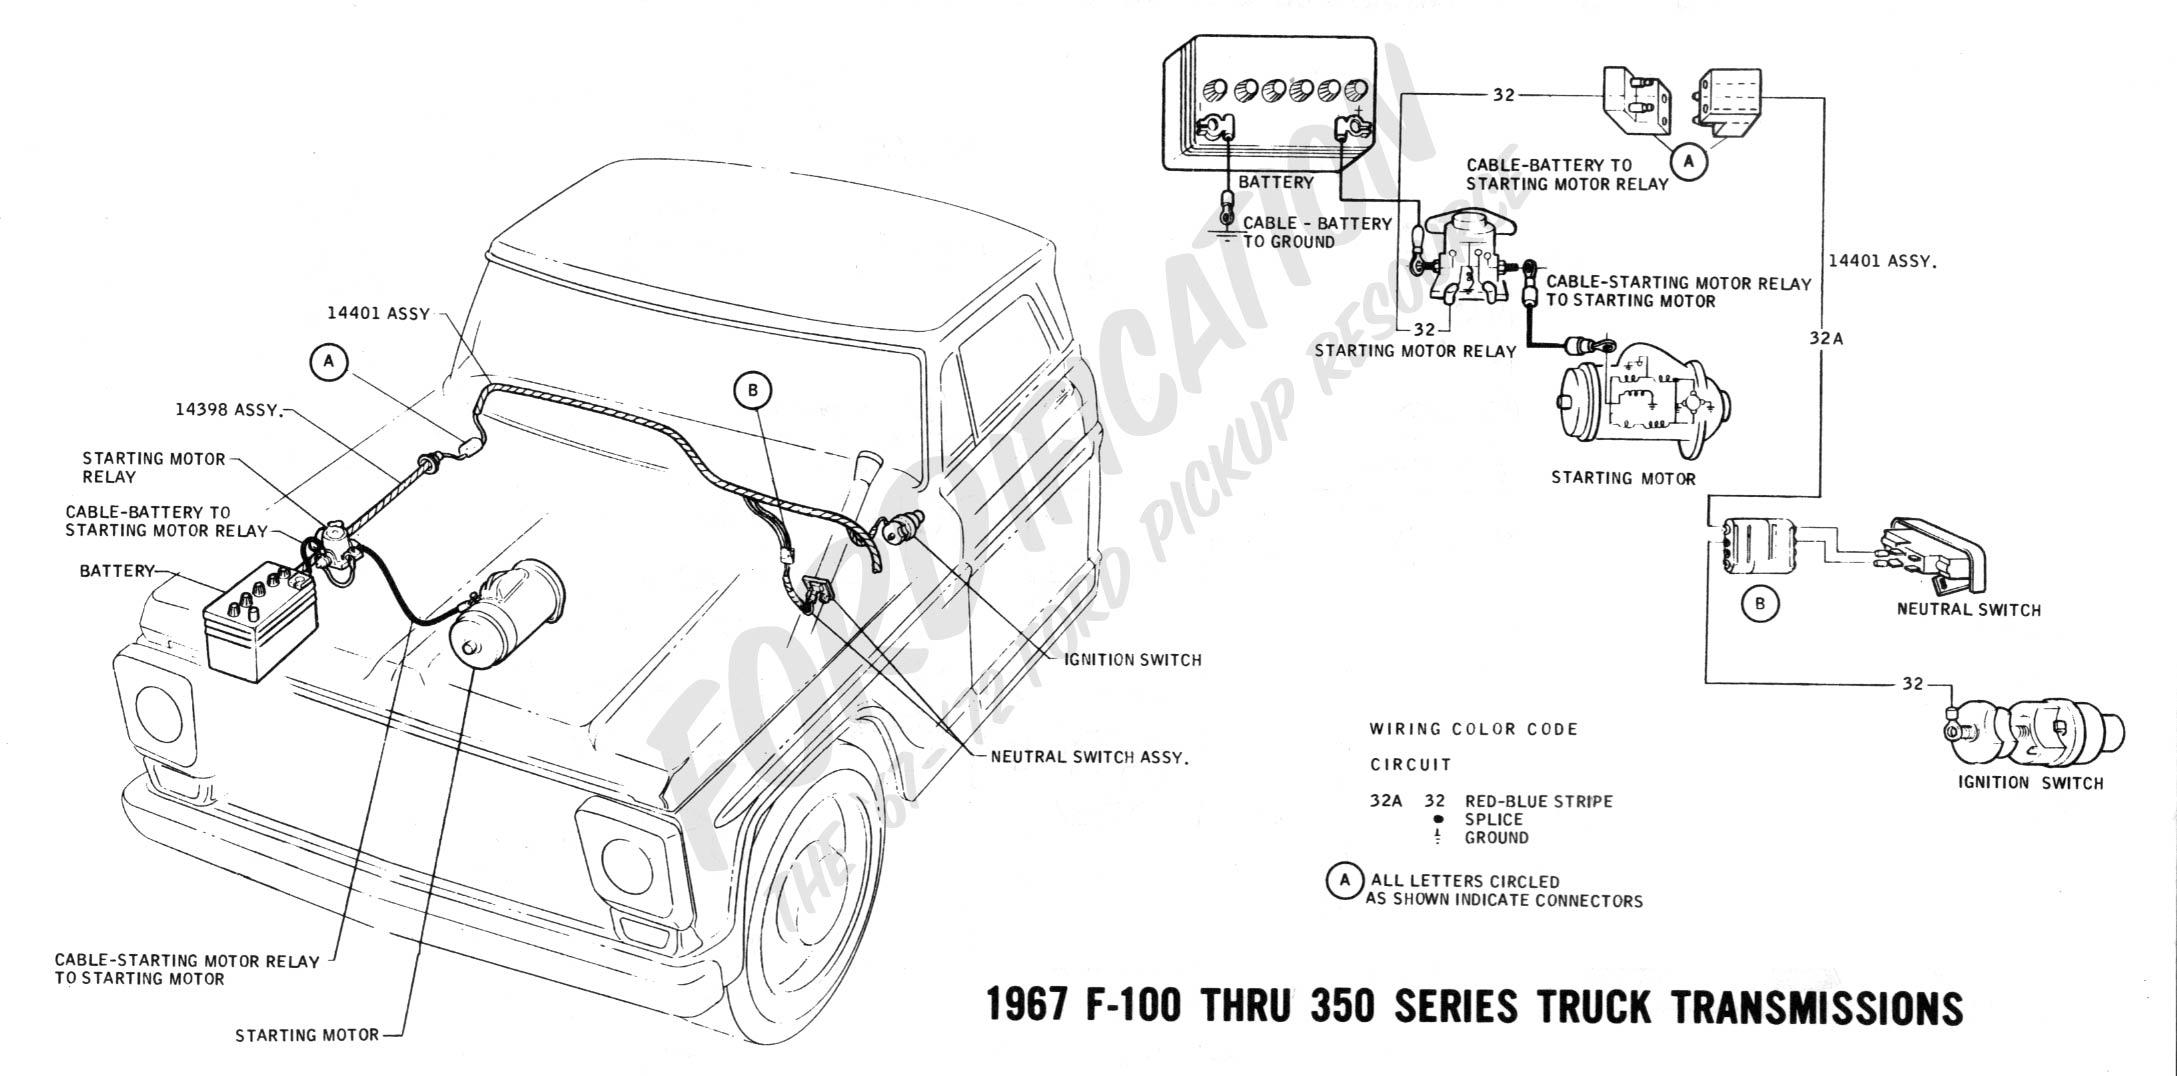 Surprising 1964 Ford F 250 Wiring Diagram Basic Electronics Wiring Diagram Wiring Cloud Onicaxeromohammedshrineorg